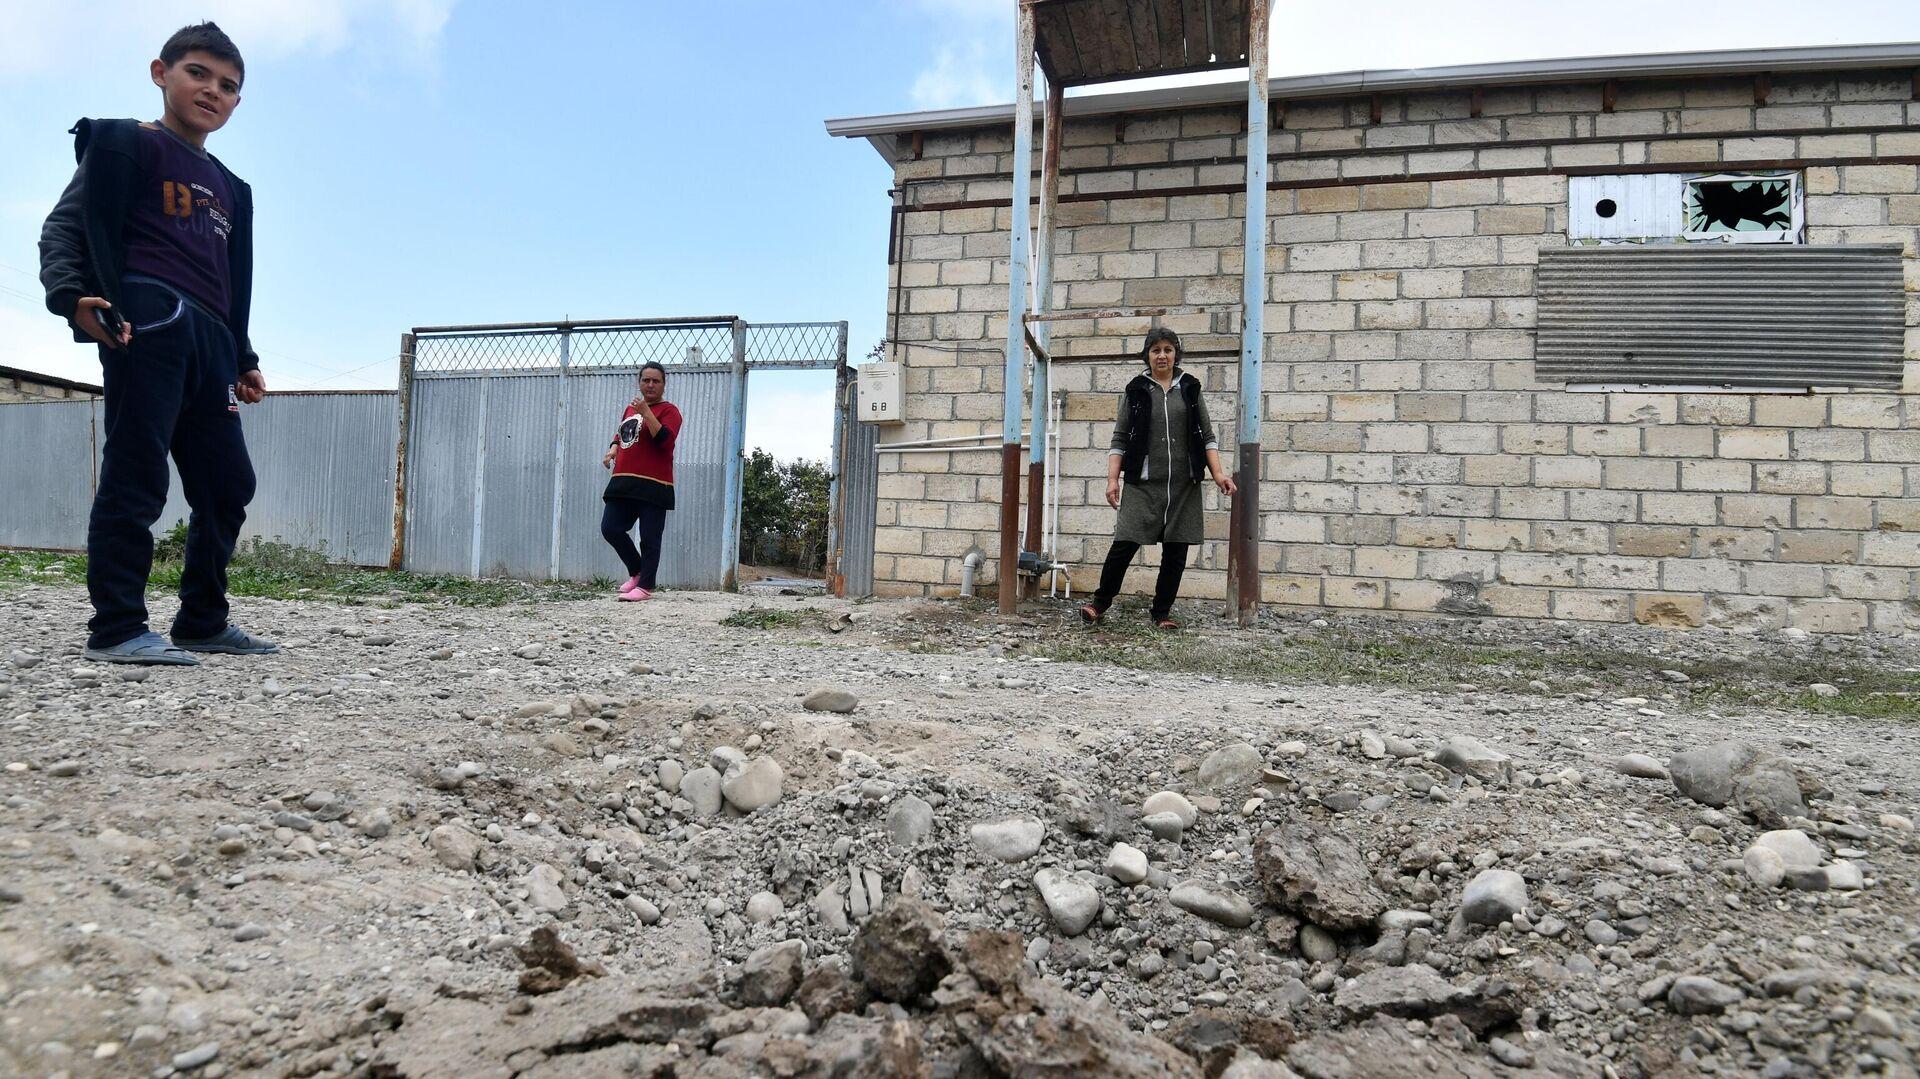 Жители поселка Сафарли в Агдамском районе Азербайджана у поврежденного после обстрела дома - РИА Новости, 1920, 24.10.2020